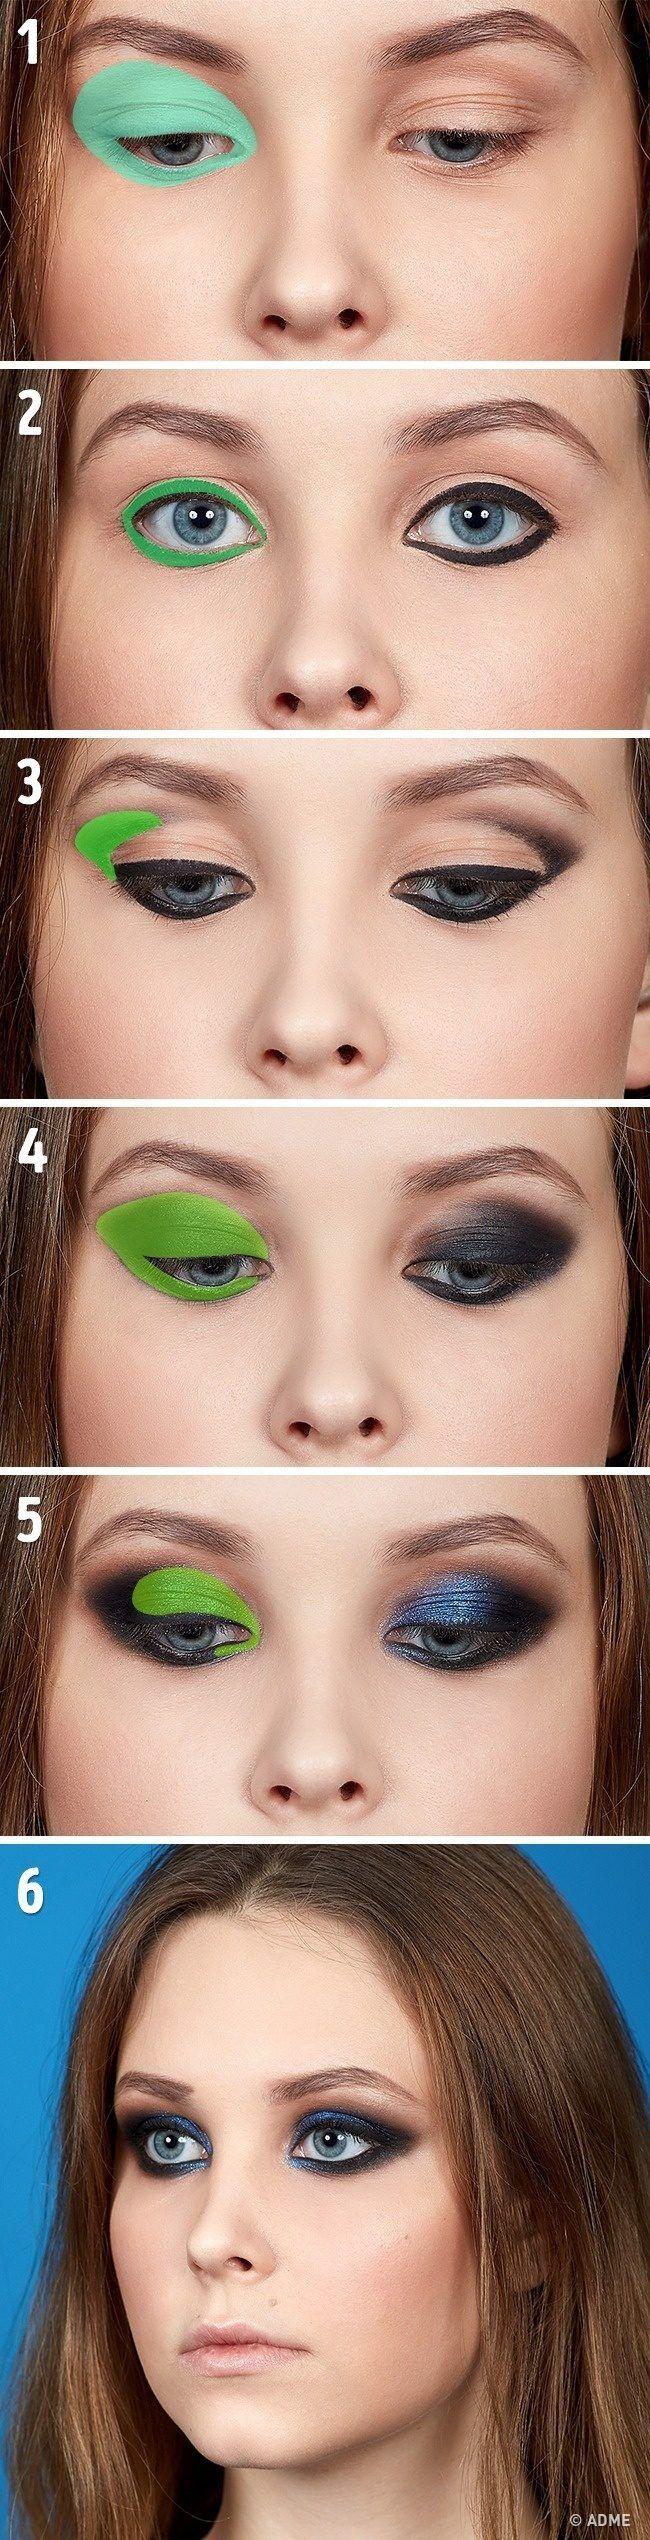 Основные техники макияжа глаз, которые стоит освоить / Все для женщины